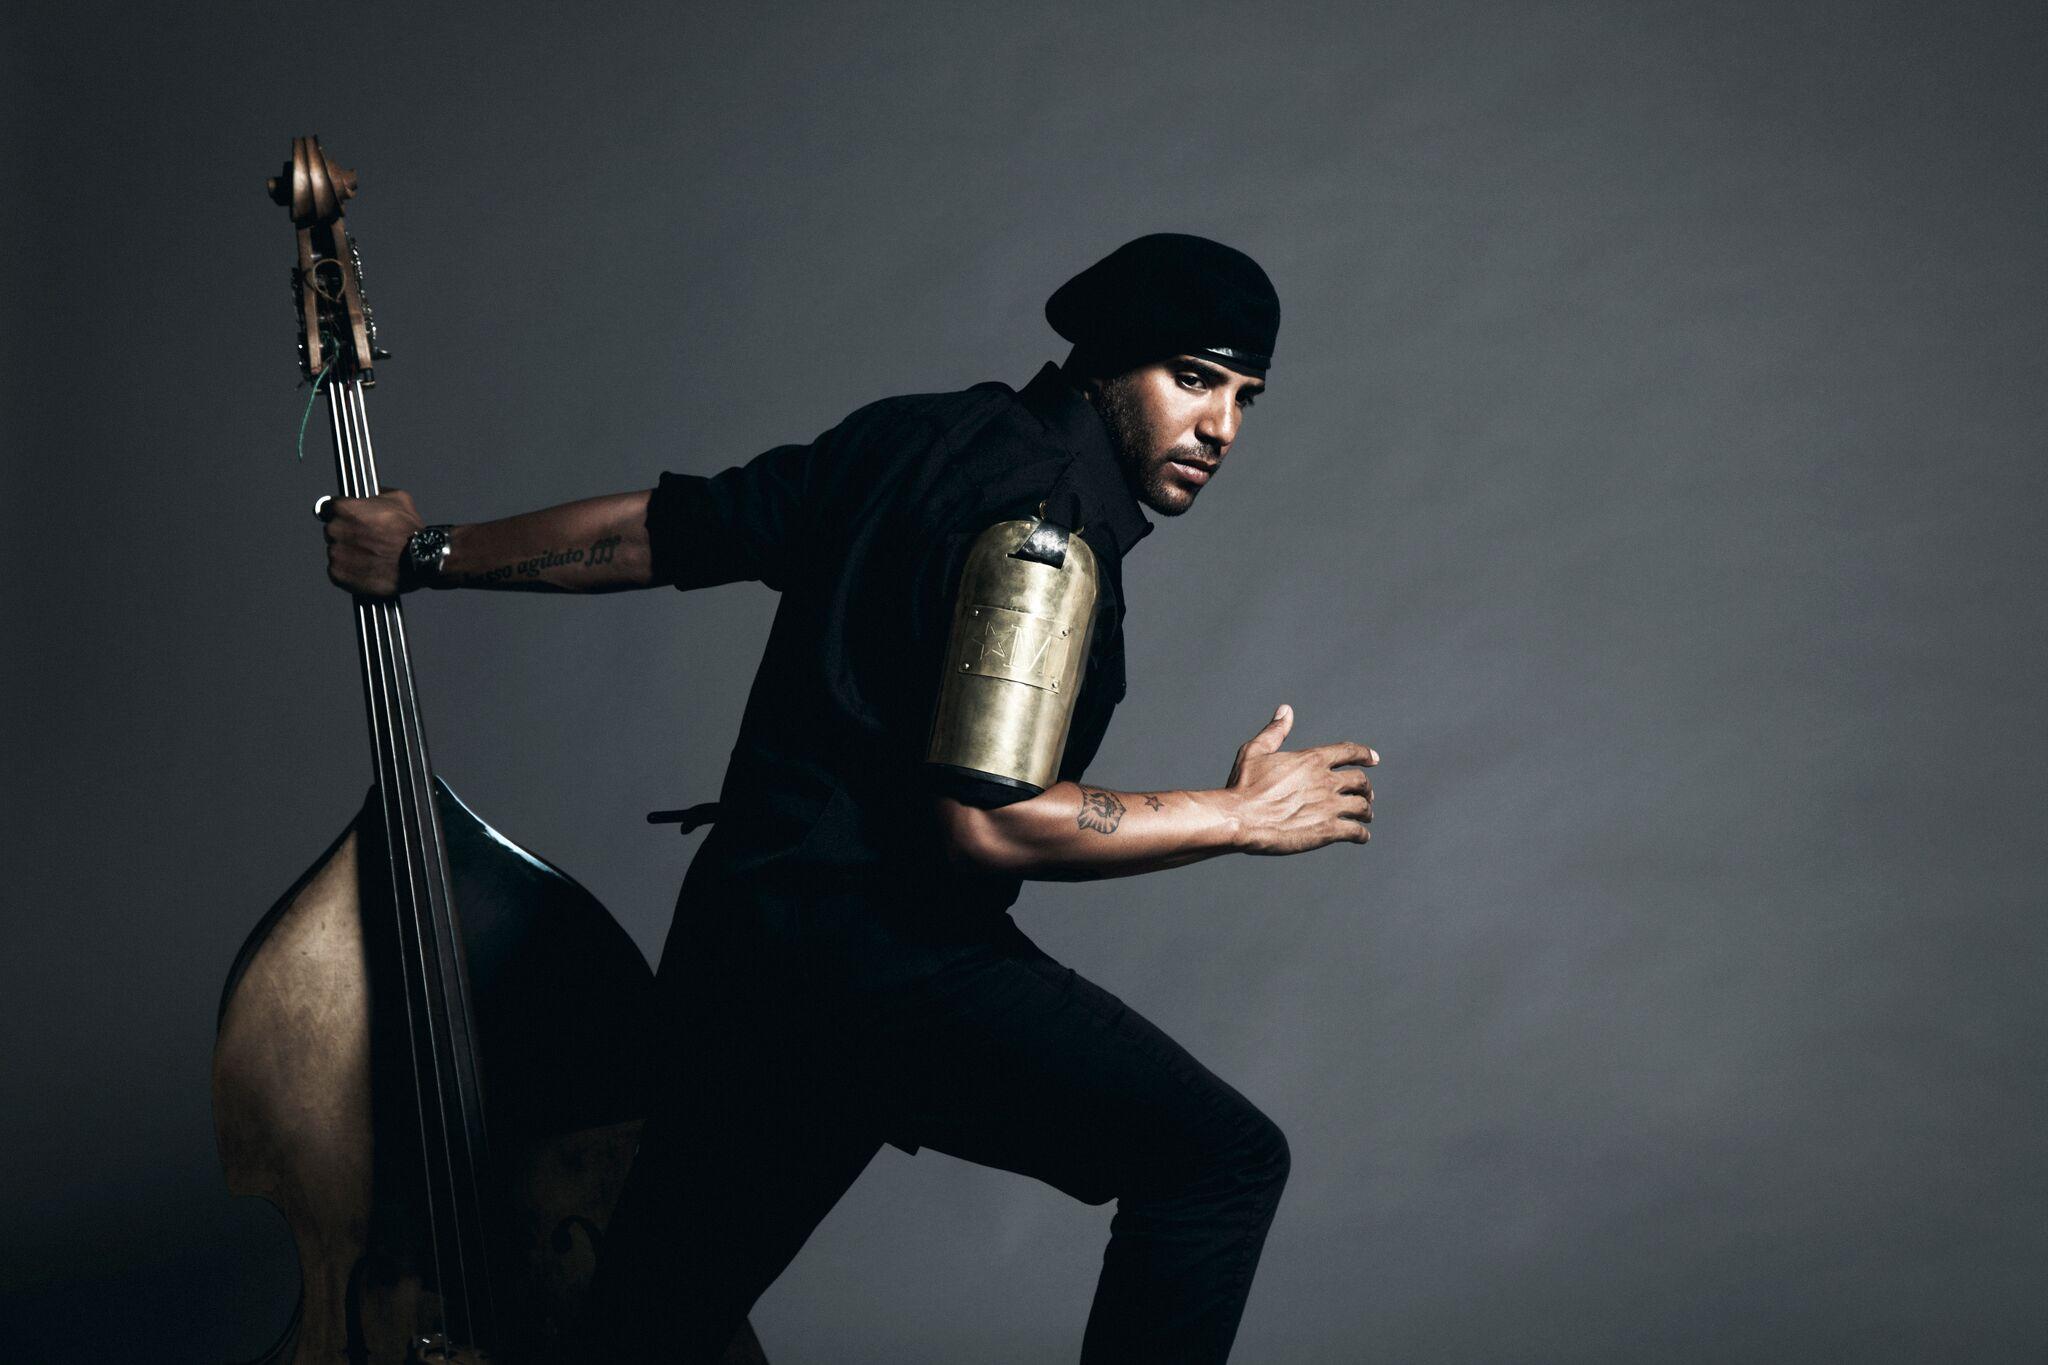 ESCLUSIVA – Miles Mosley: la musica tra spiritualità e magia